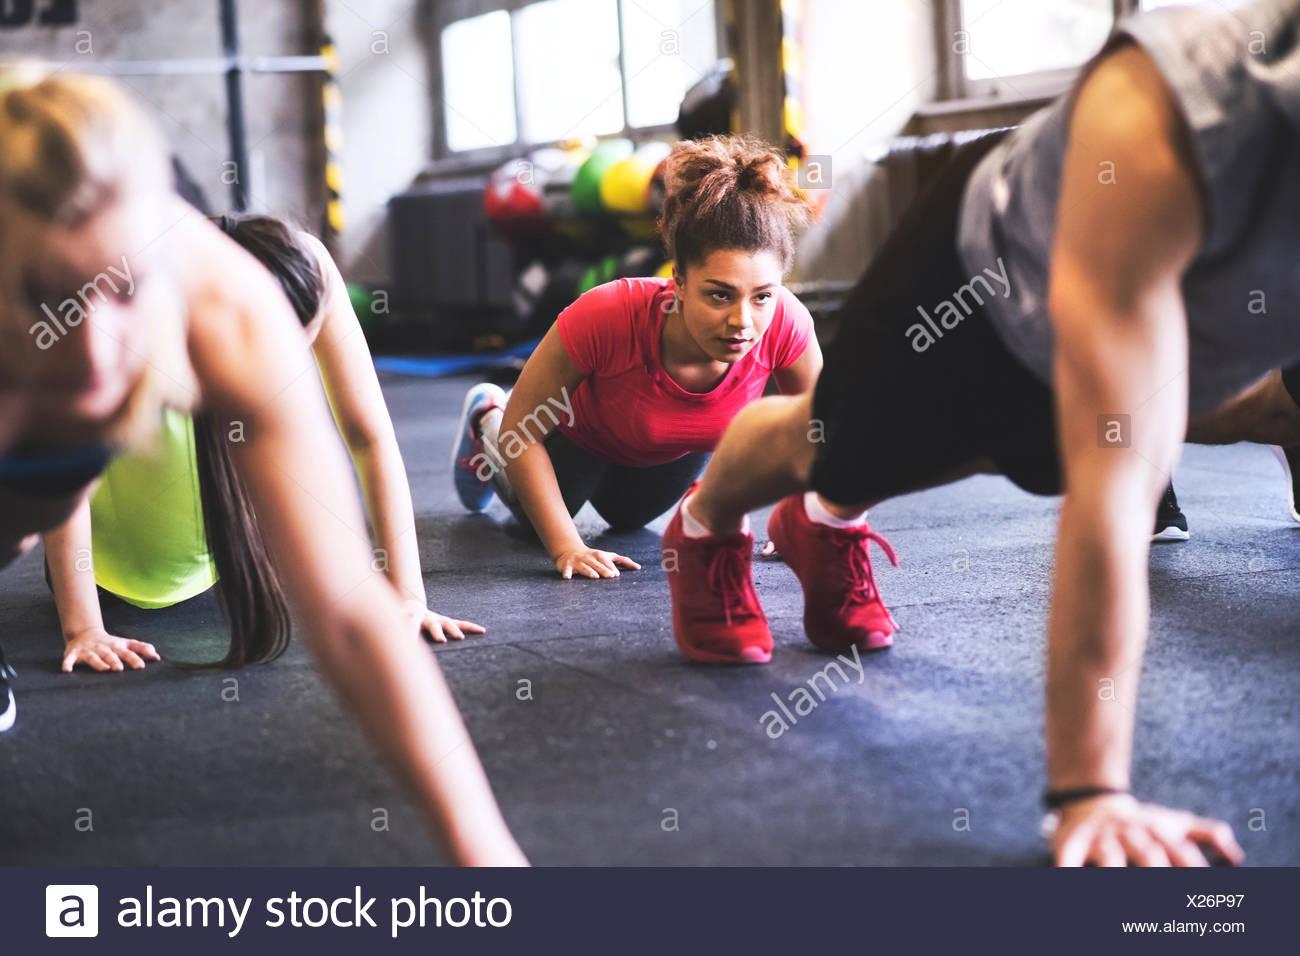 Grupo de jóvenes haciendo ejercicio en el gimnasio Foto de stock